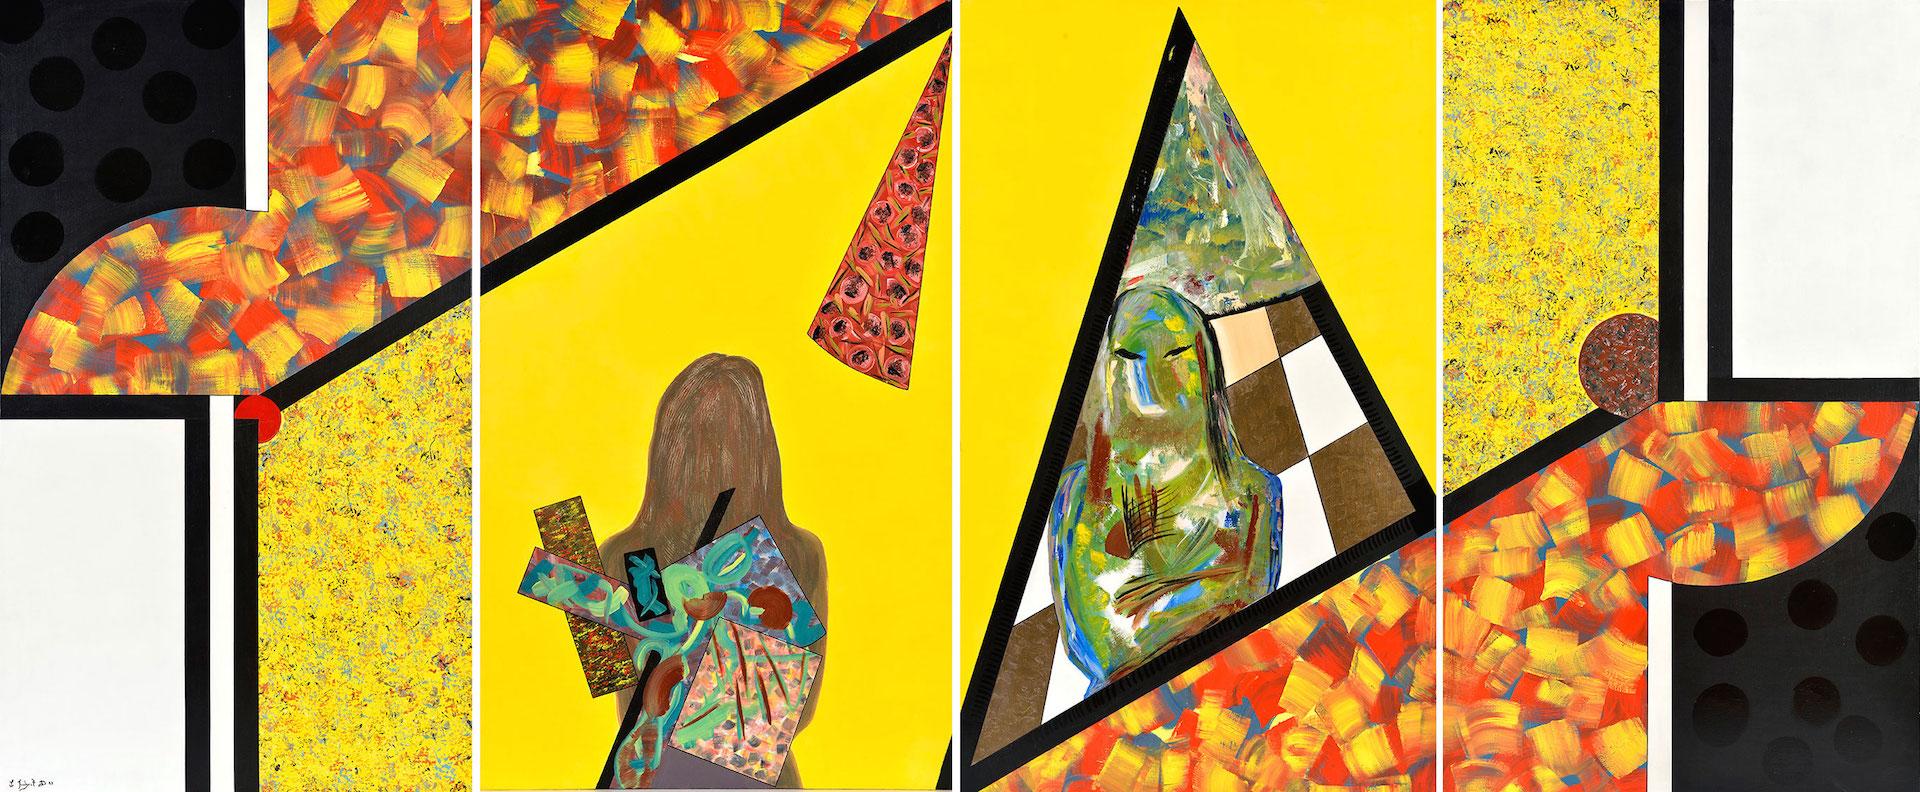 Le théâtre et son double, 1993, quadriptyque, 162 x 388 cm